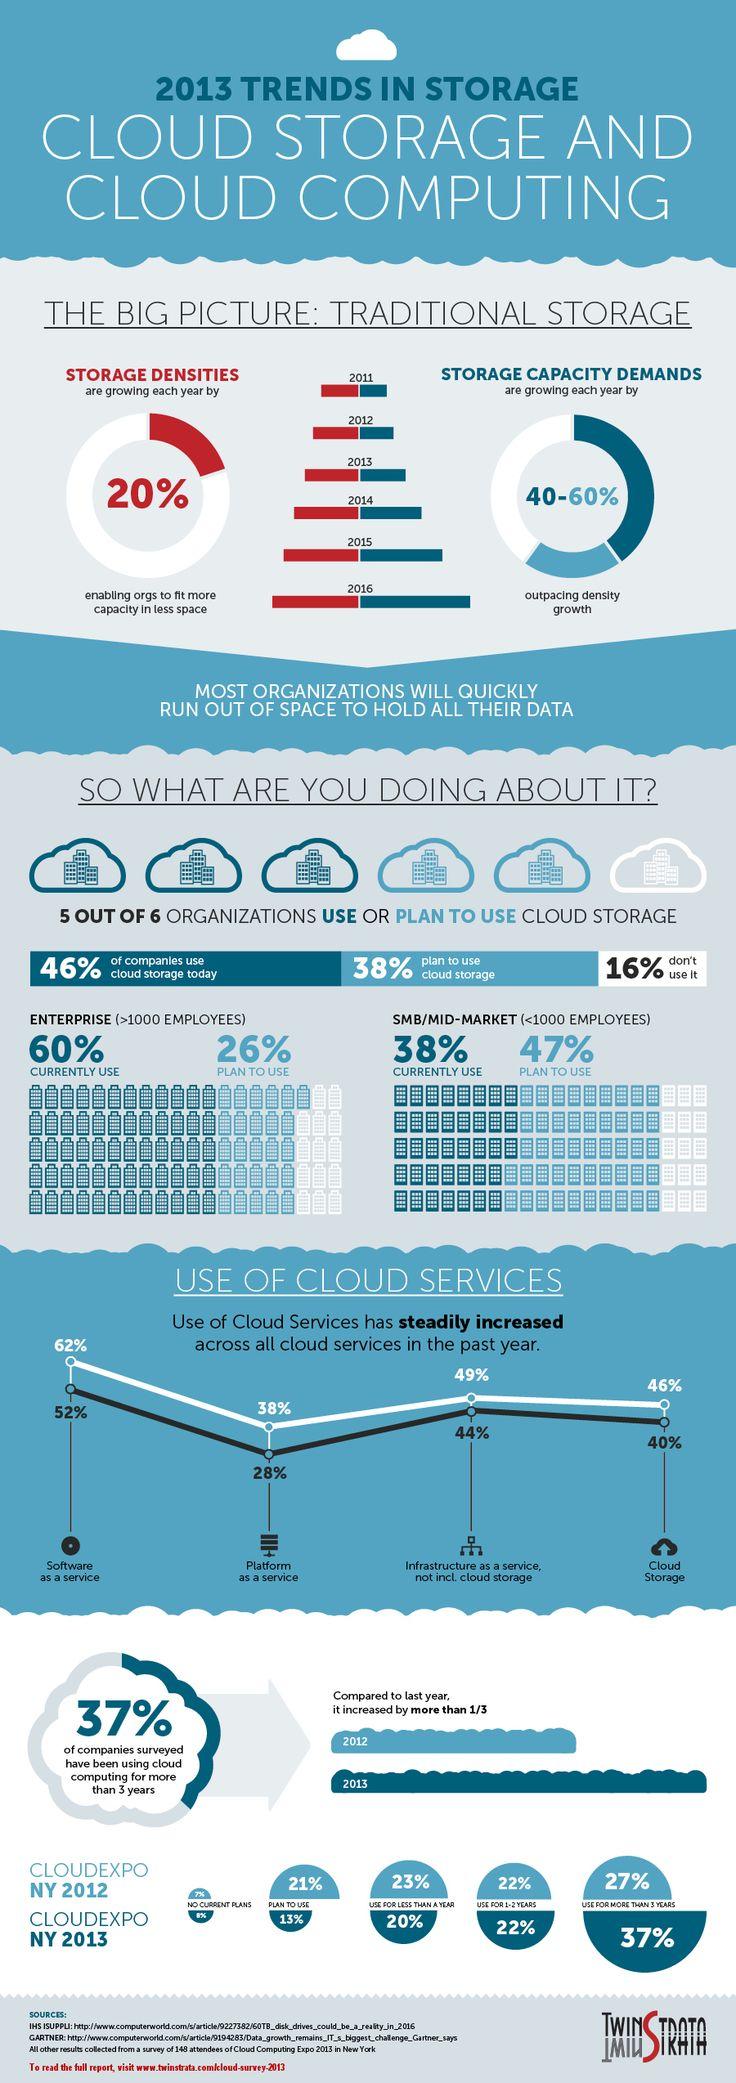 Cloud storage & cloud computing